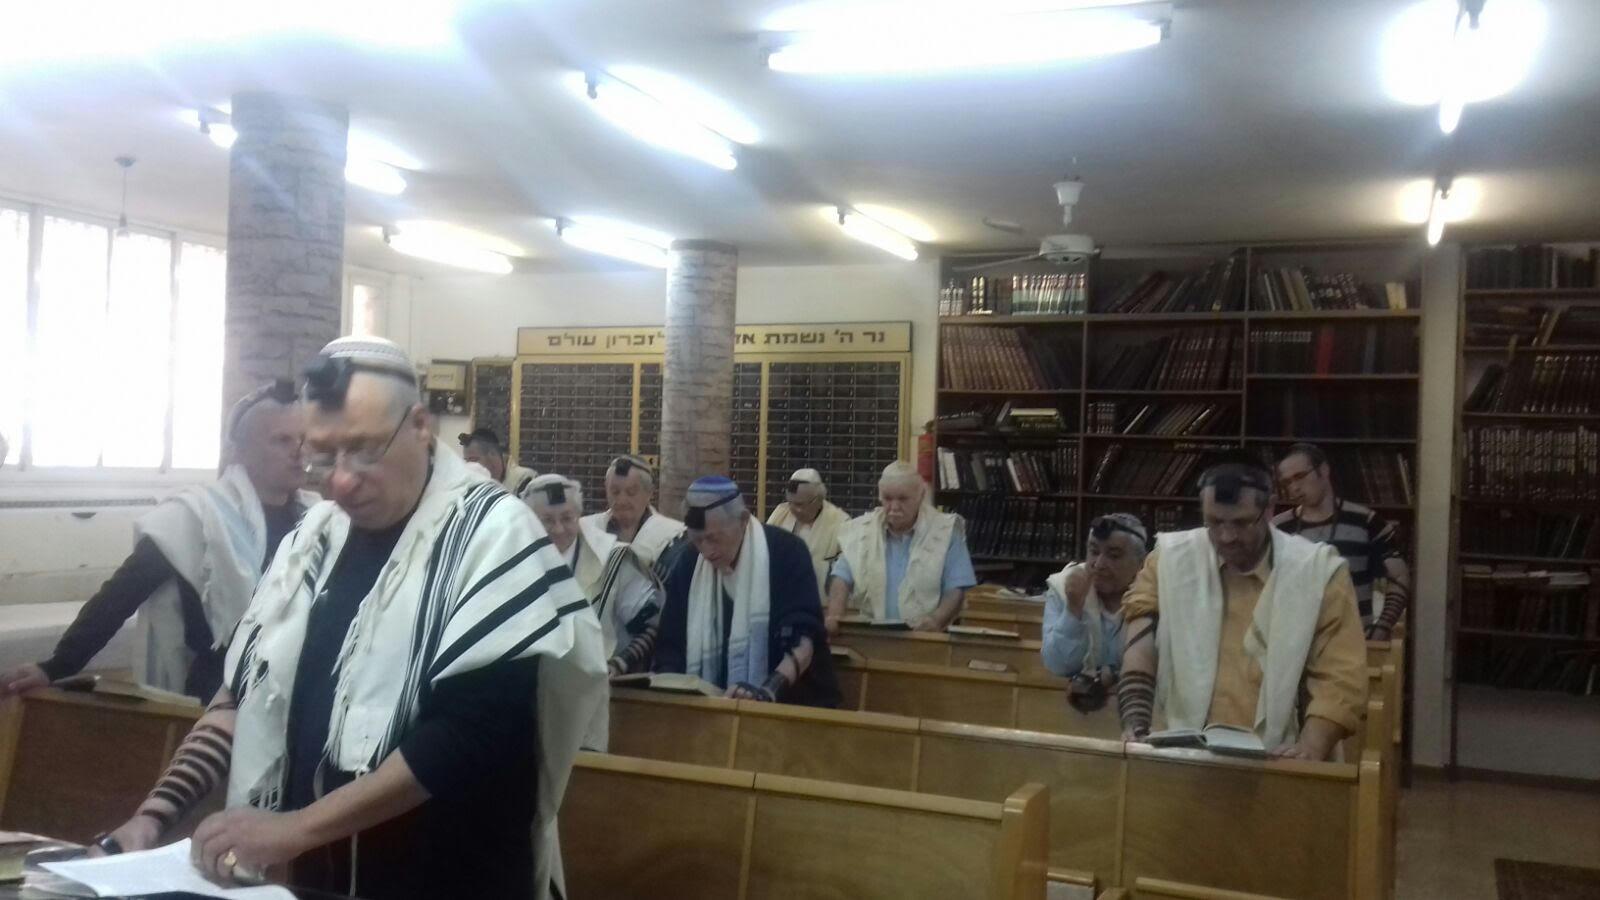 עיריית בת ים תובעת מניצולי השואה: פנו את בית הכנסת